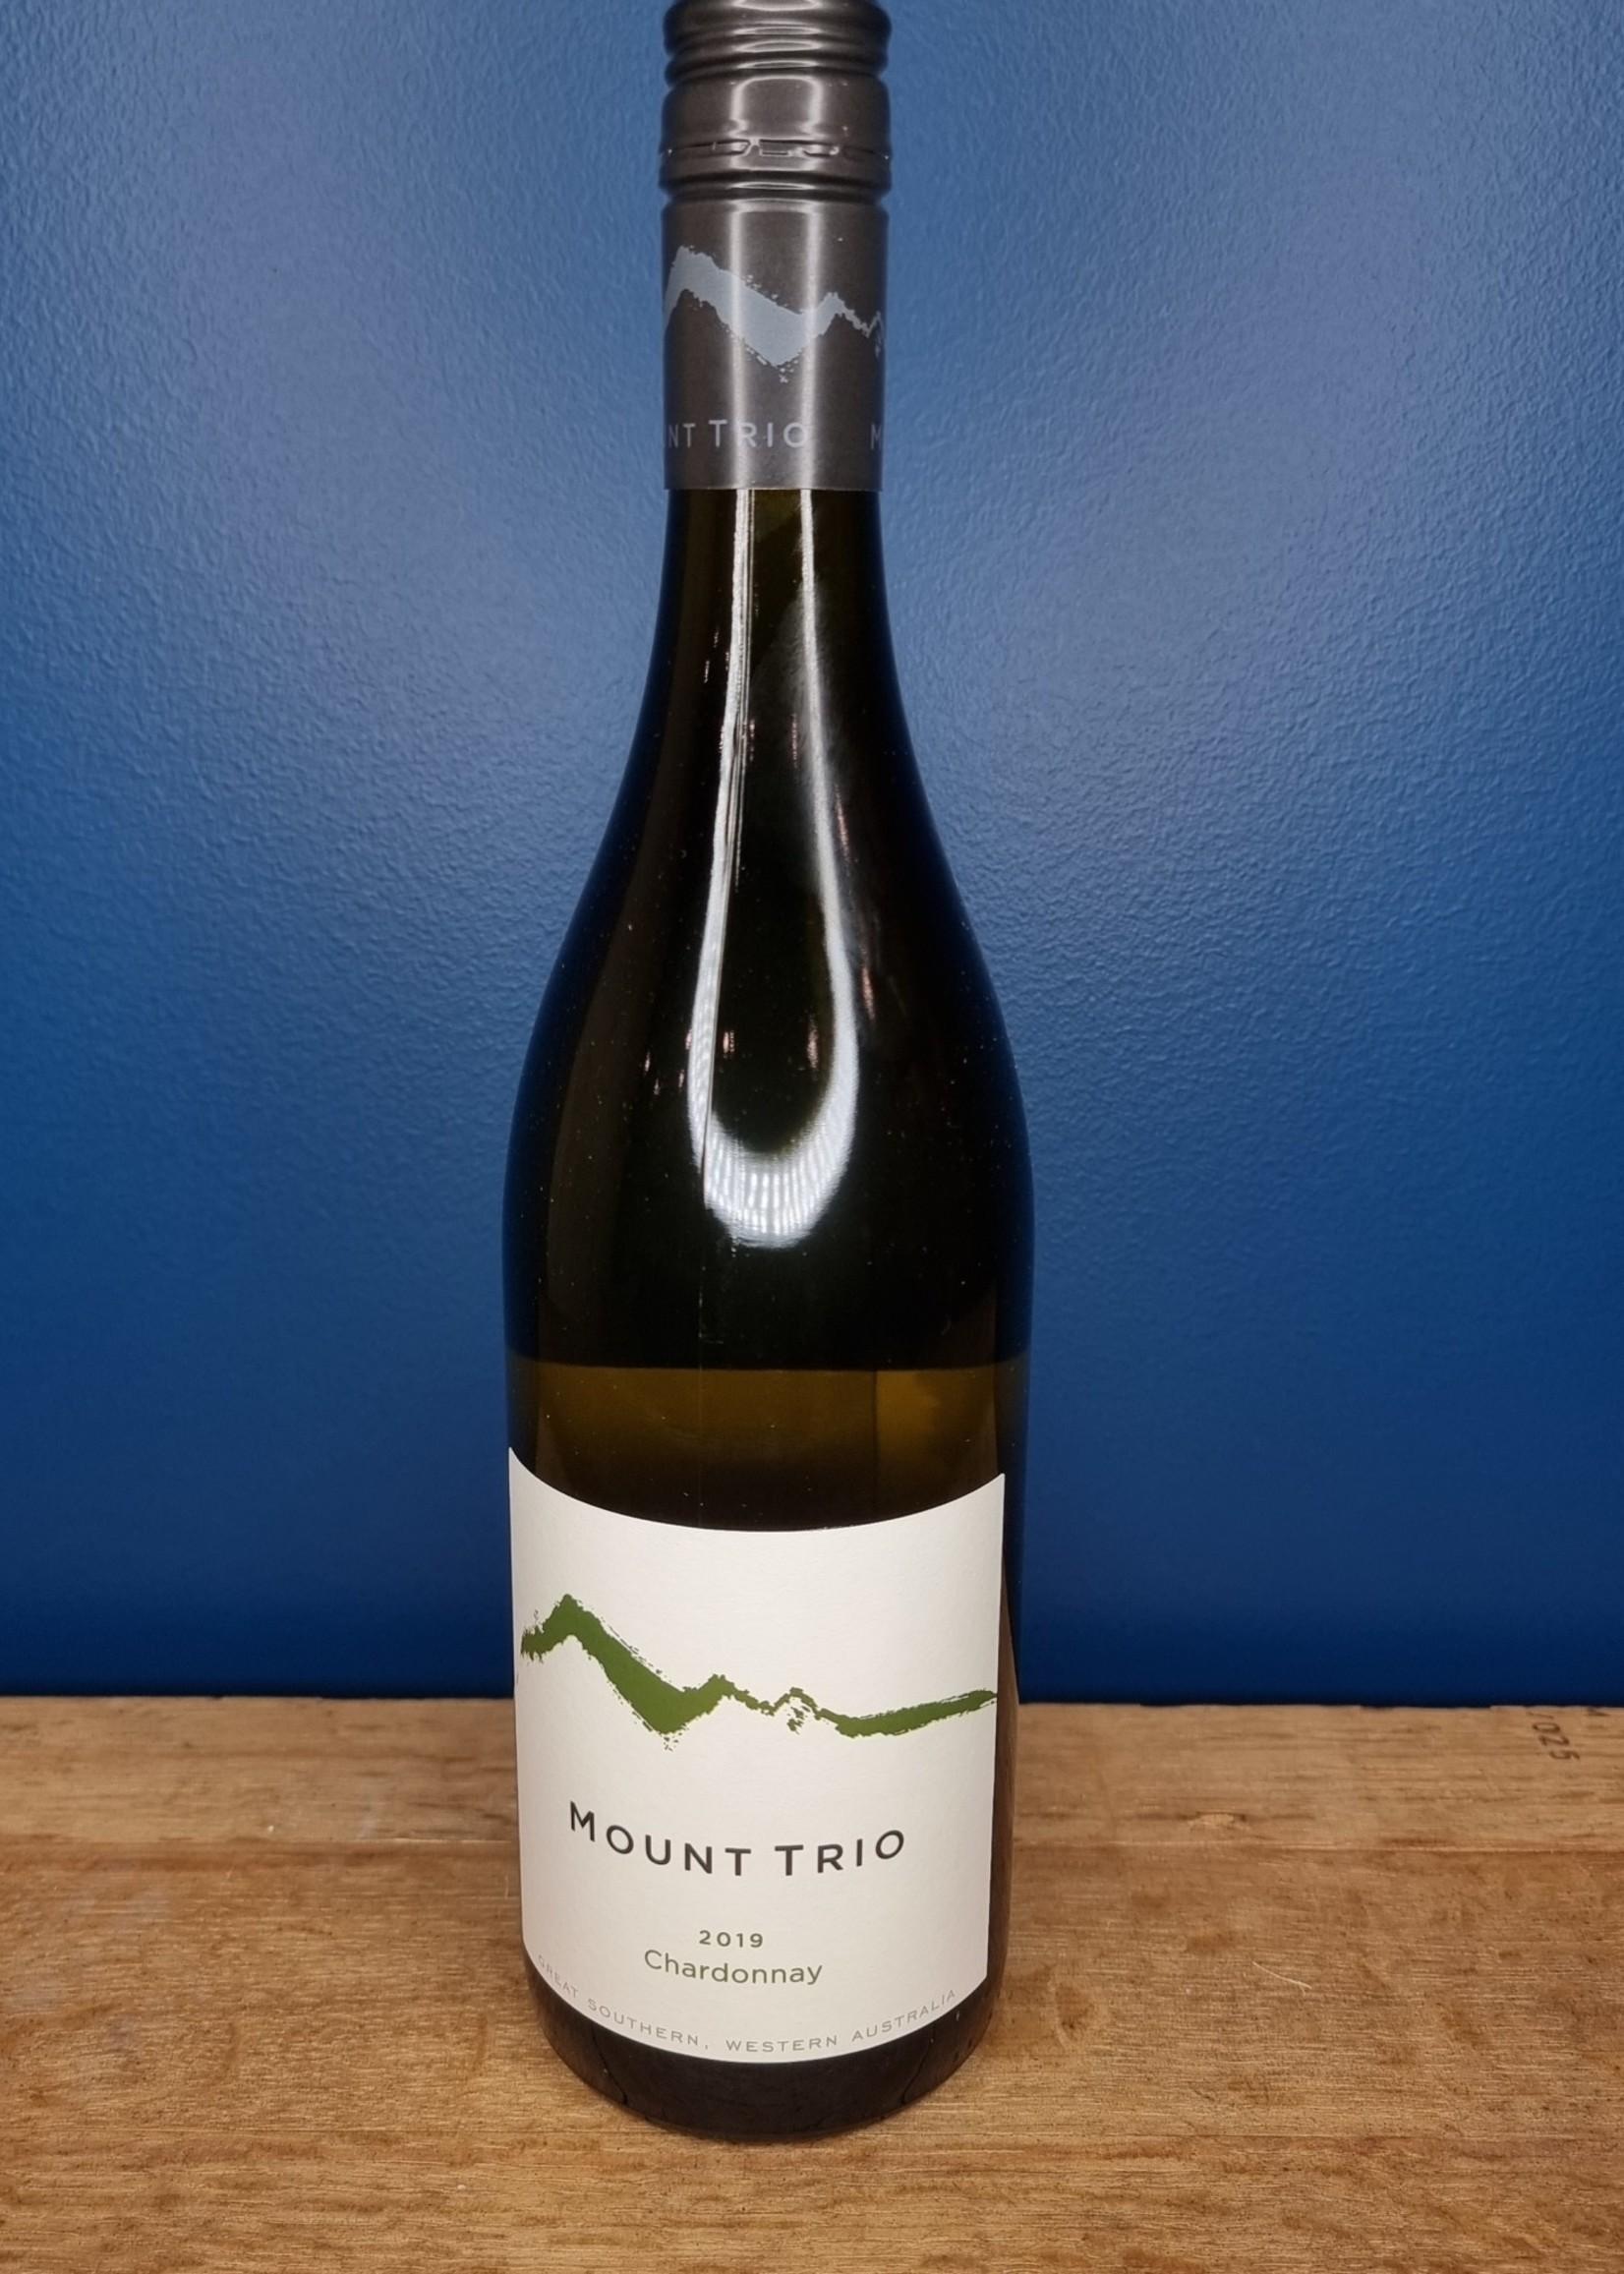 Mount Trio Mount Trio Chardonnay 2020